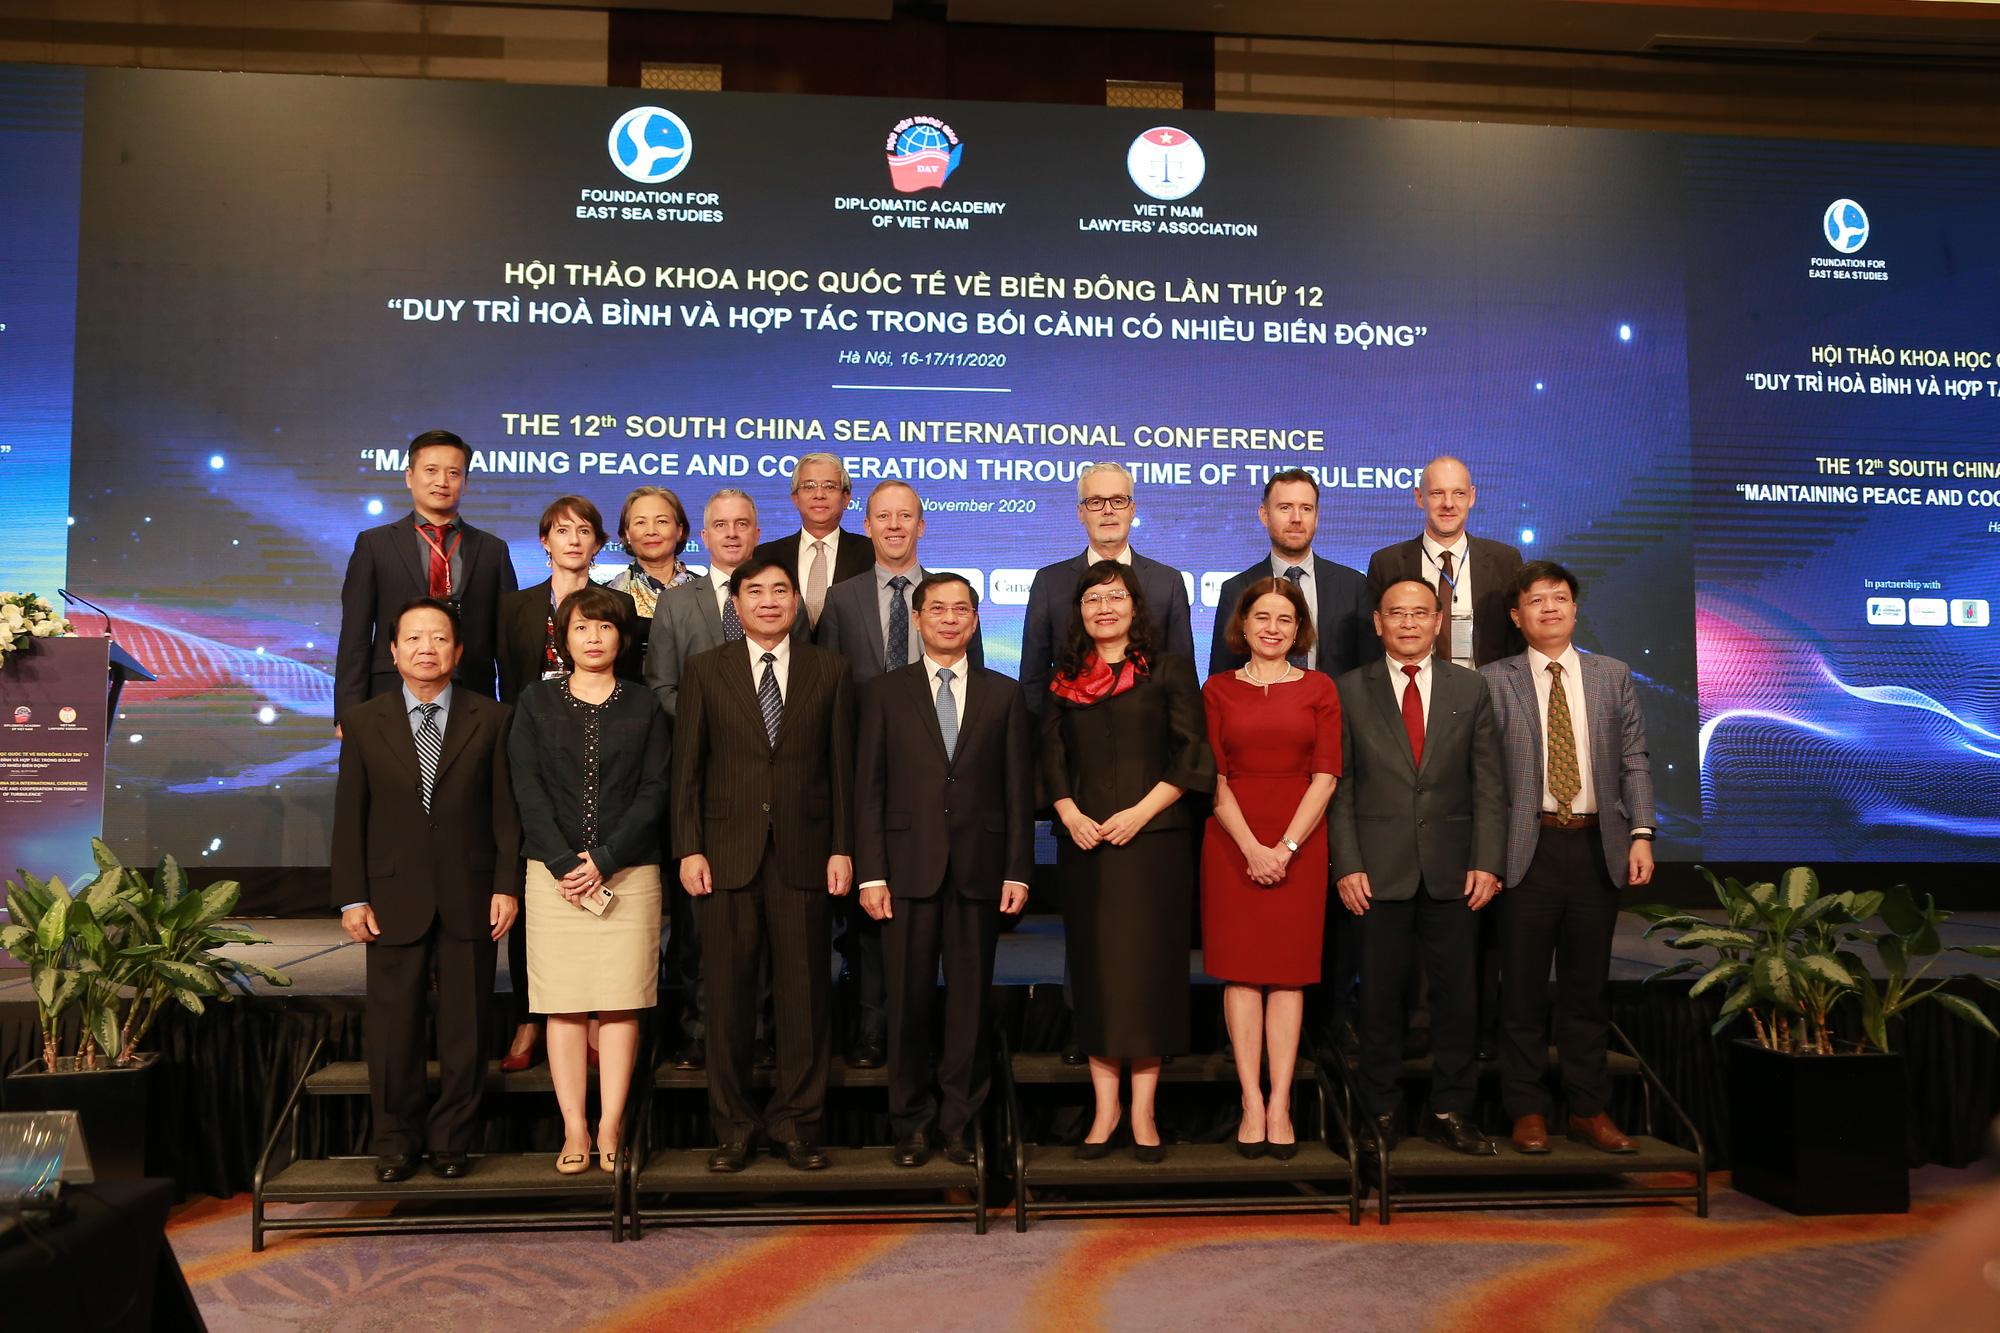 700 đại biểu dự Hội thảo Khoa học Quốc tế về Biển Đông - Ảnh 5.